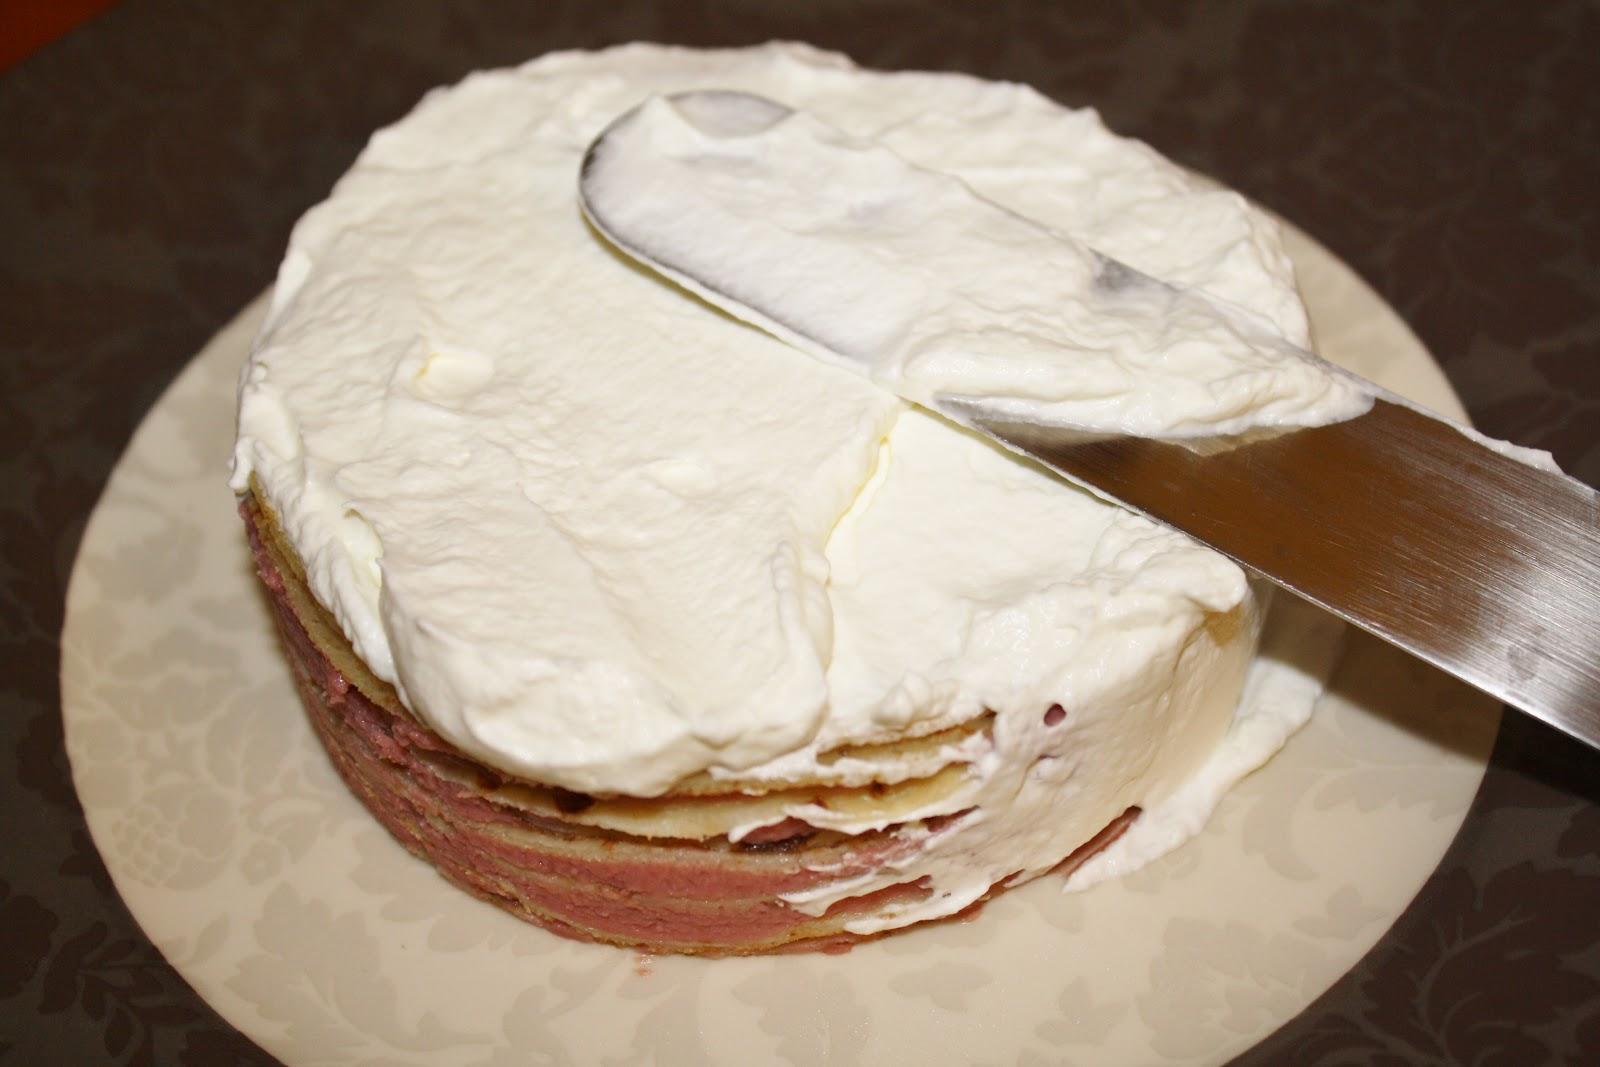 Kriket's cooking: Gâteau de crêpes goyave-coco